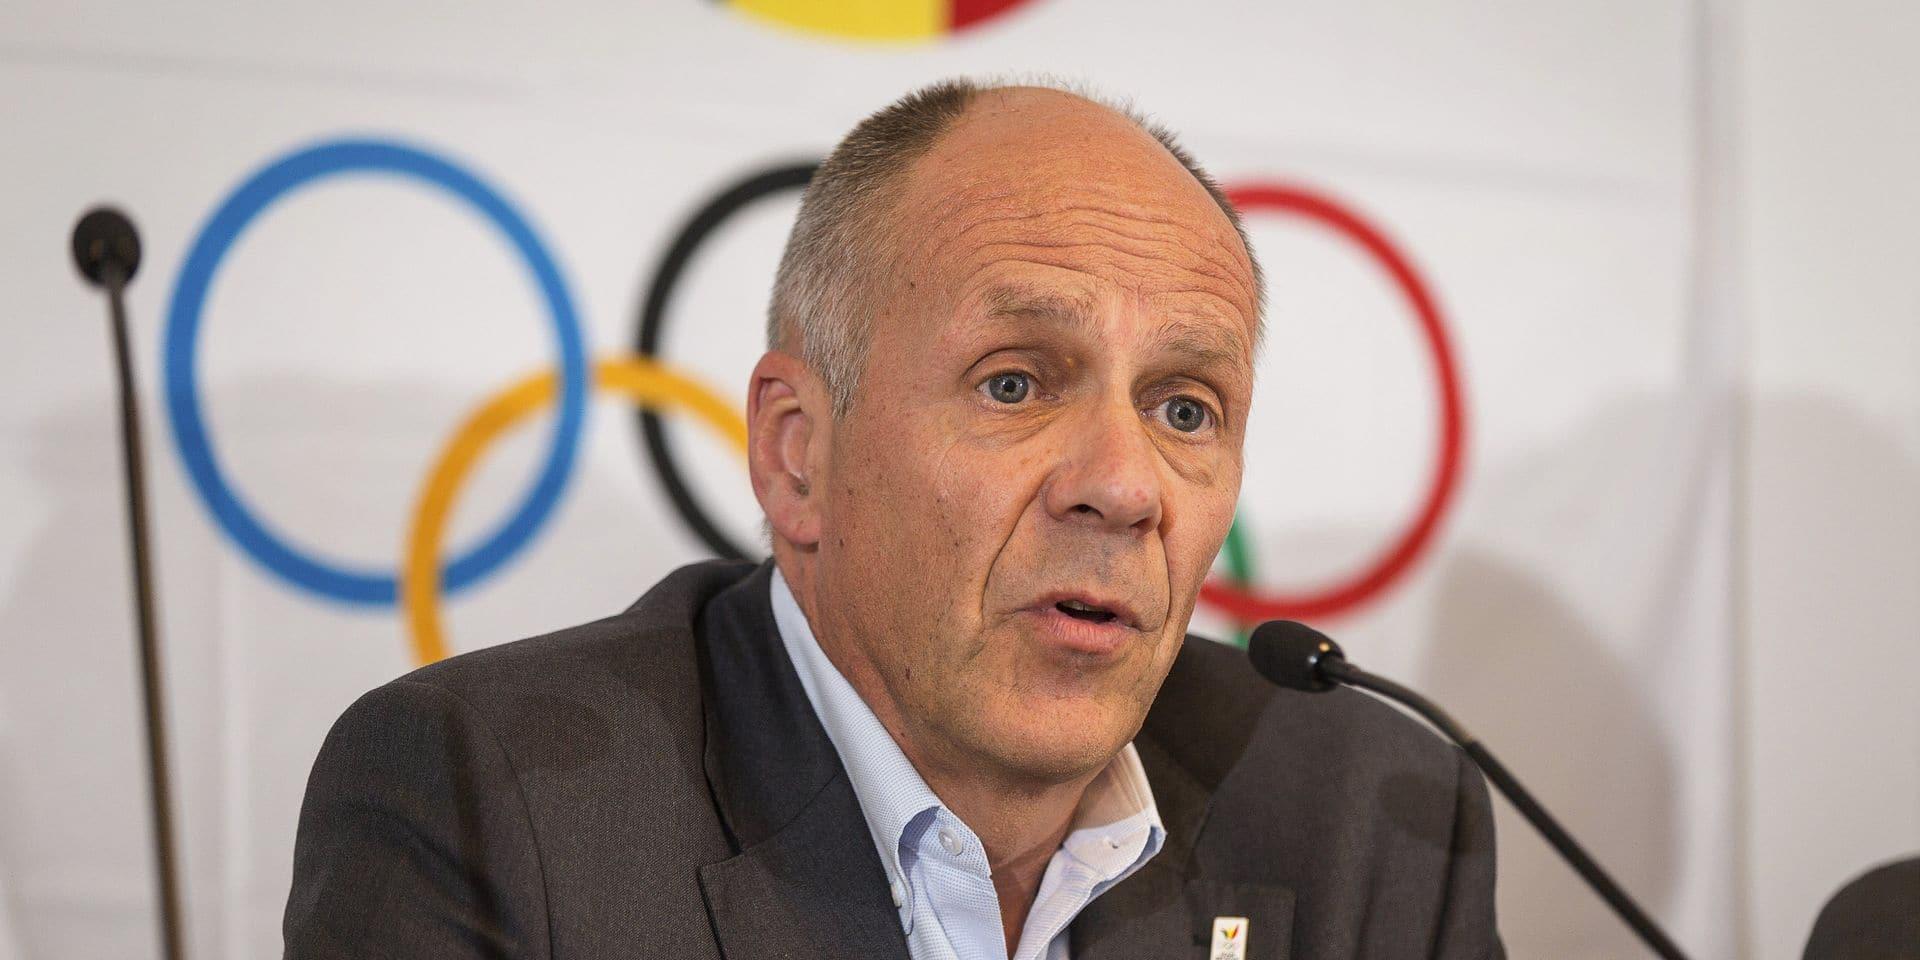 Le CEO du Comité olympique belge Philippe Vander Putten annonce son départ après les JO de Pékin